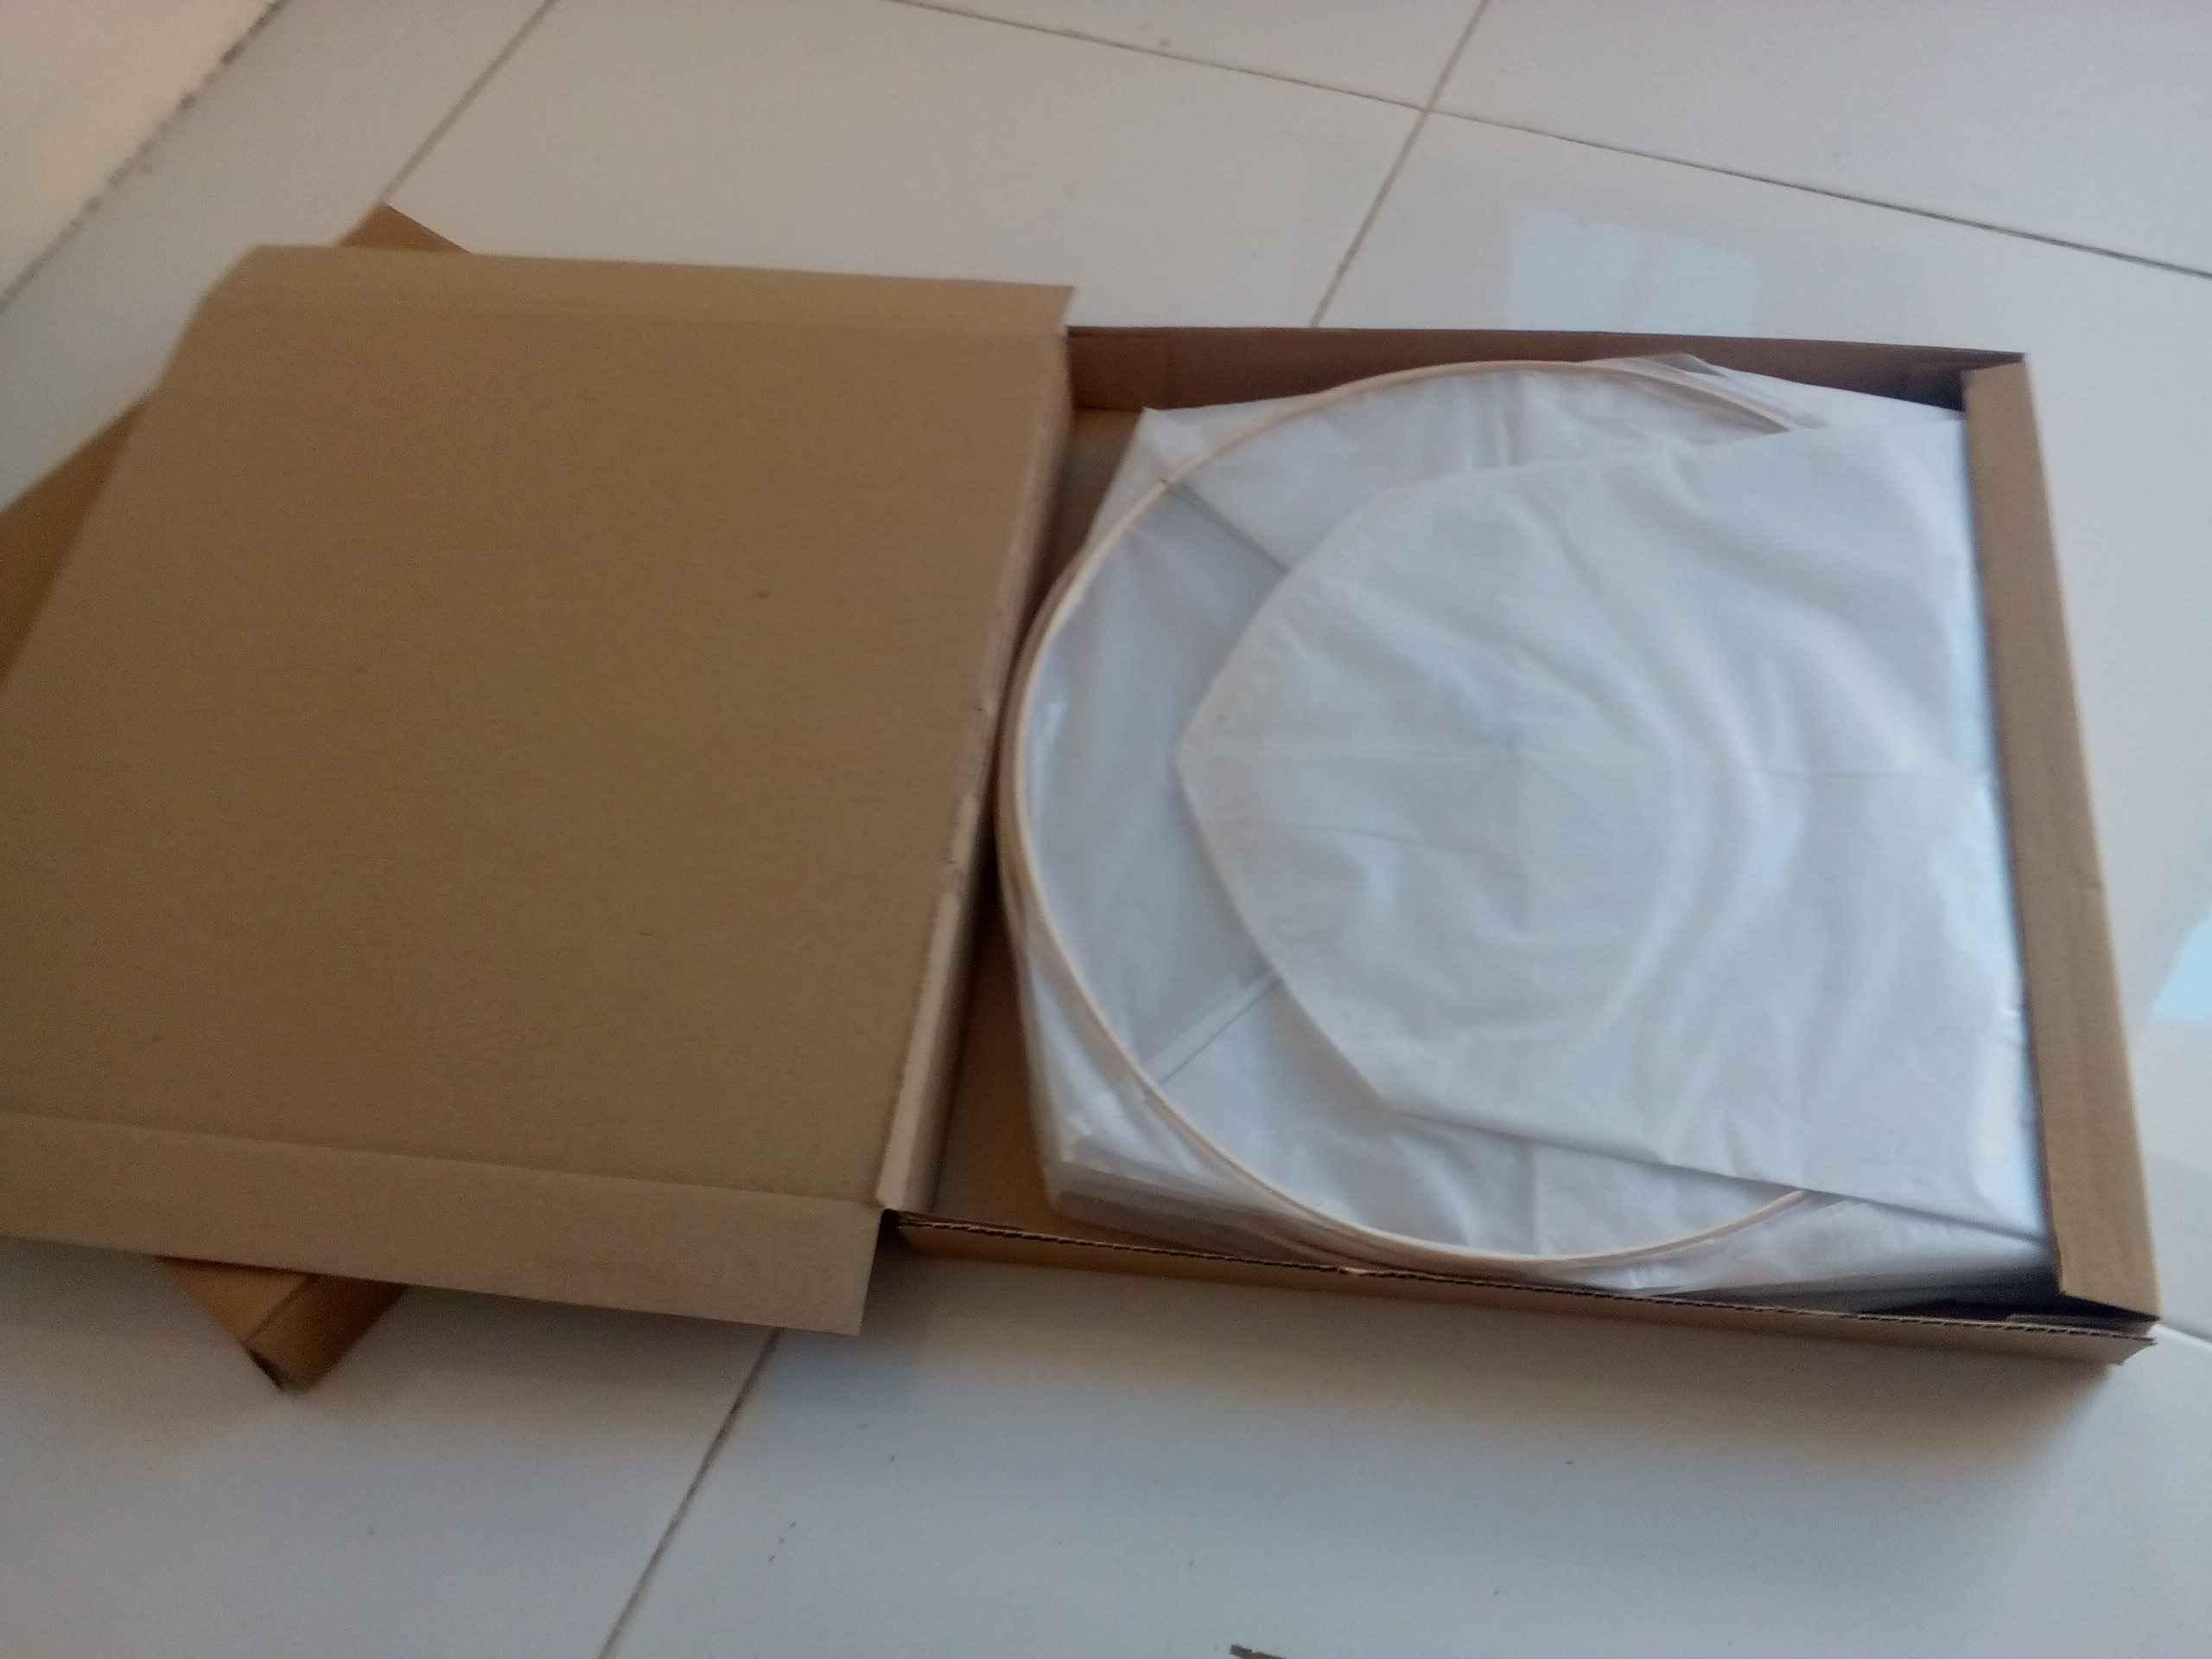 Kondisi Lampion dalam Packing